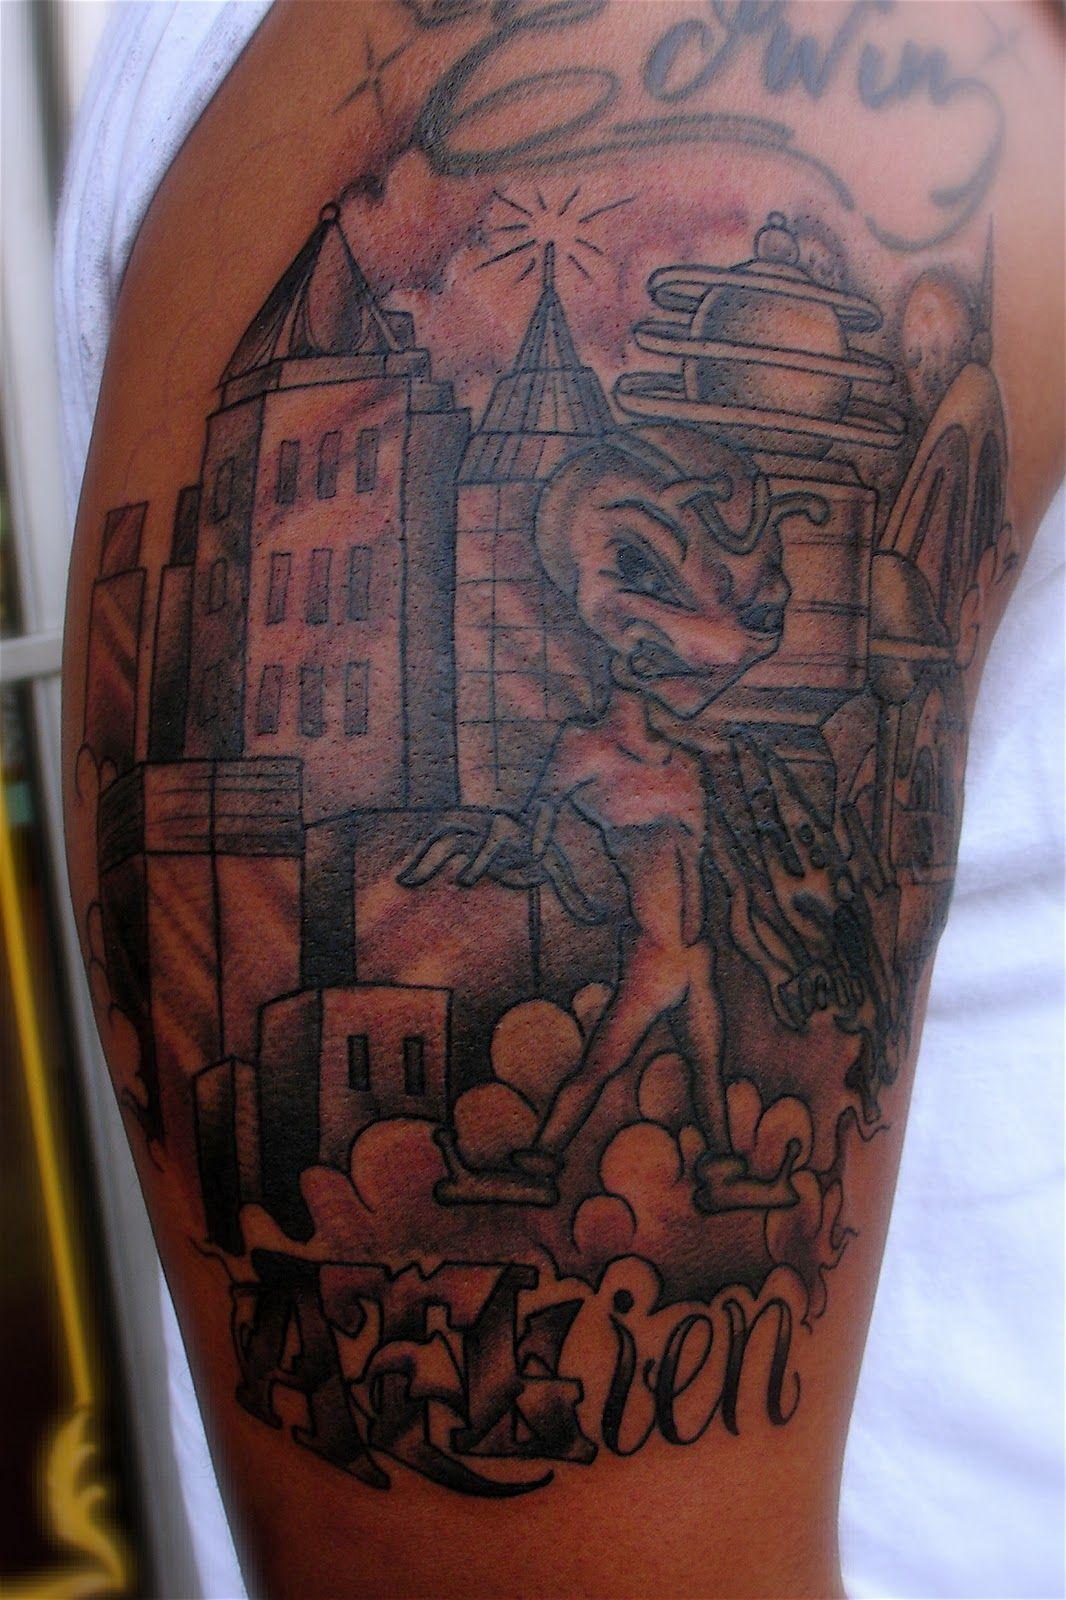 atlanta tattoo ideas - Google Search | Tattoo Ideas | Liberty tattoo ...